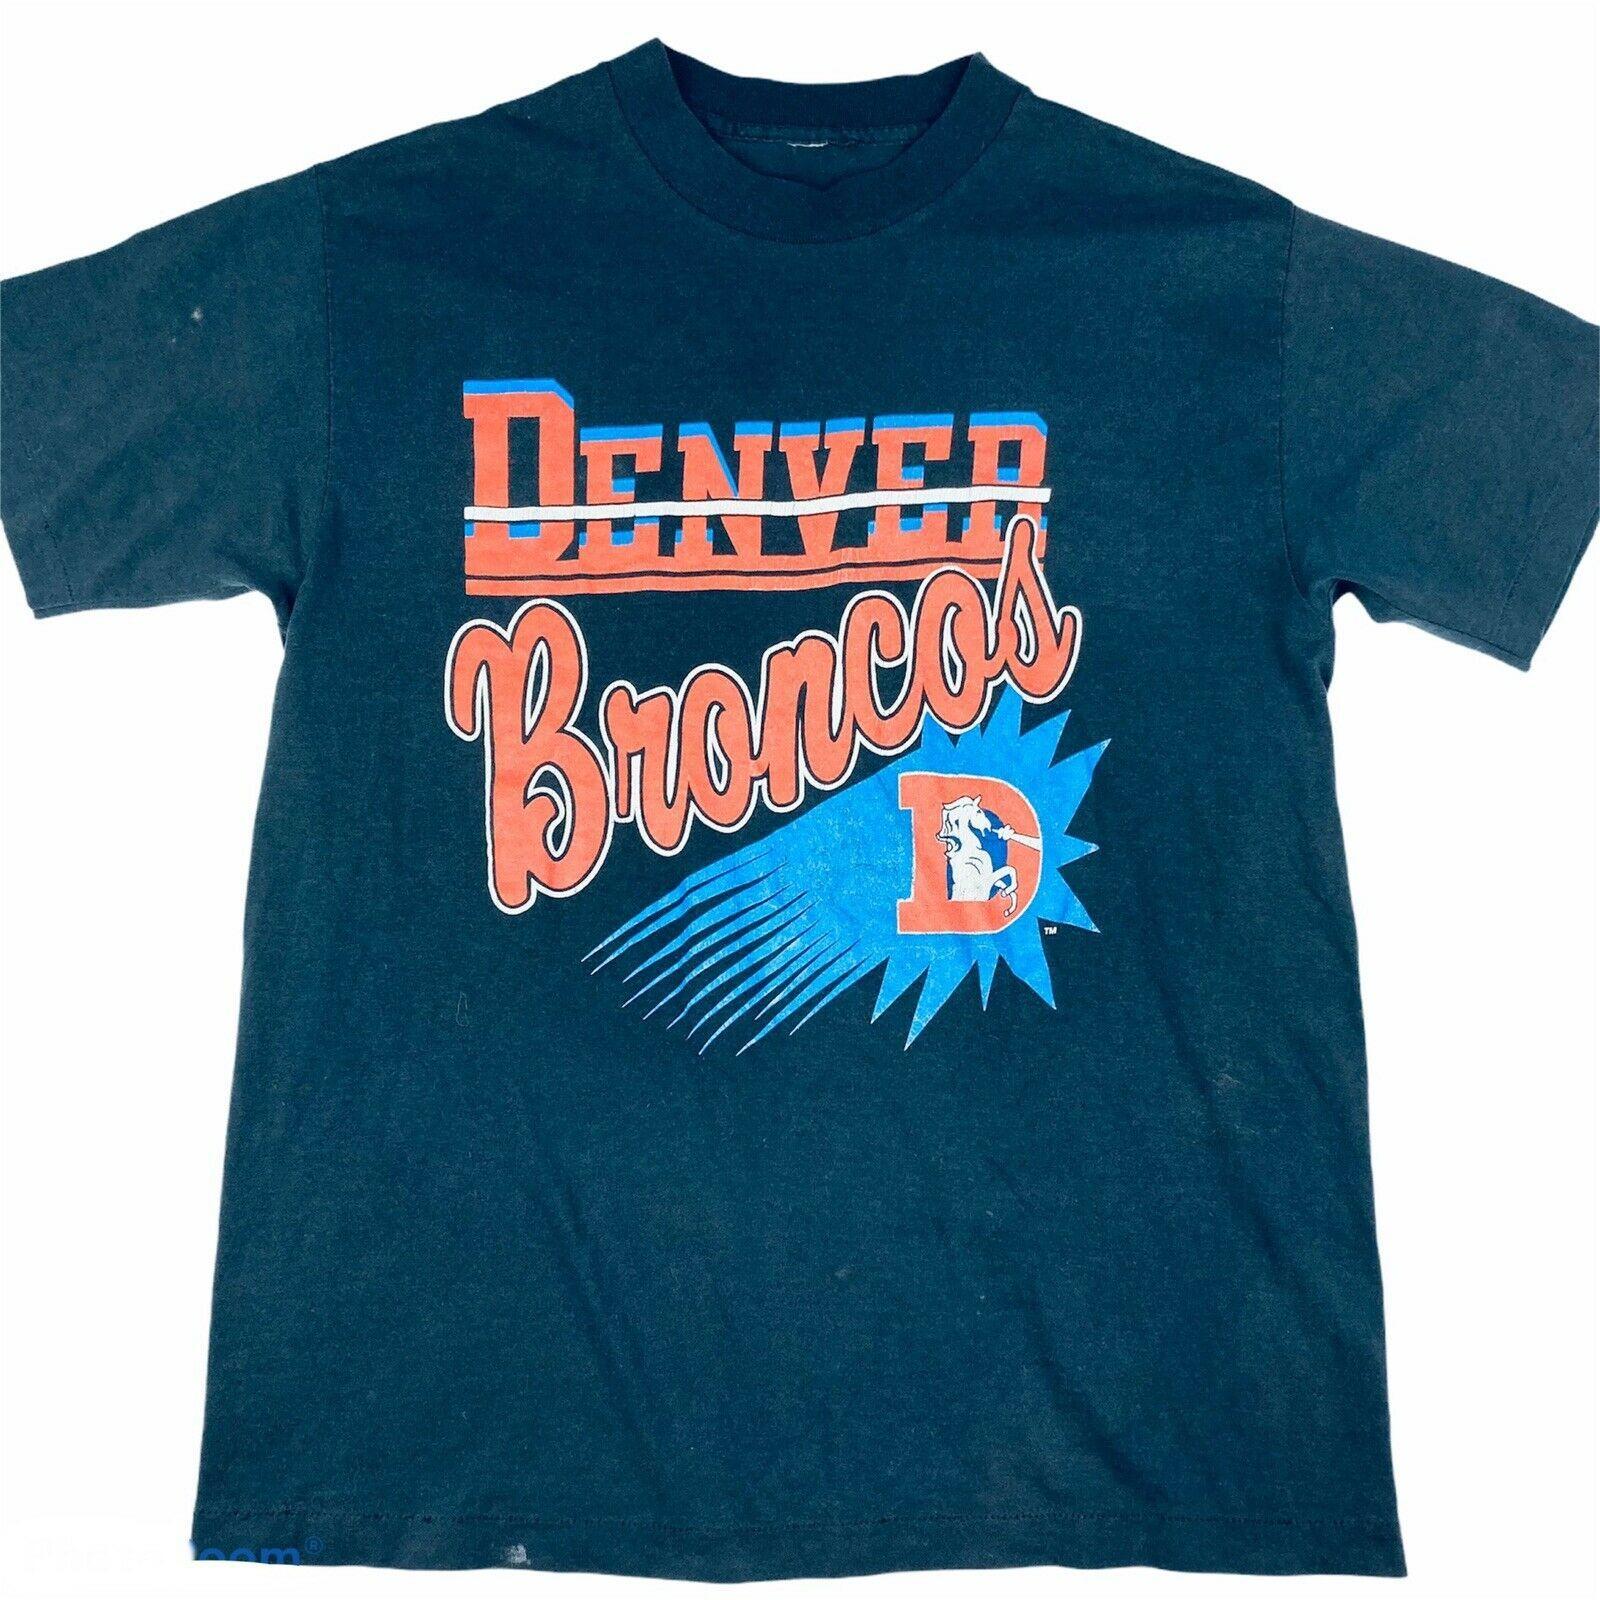 Vintage 80s or 90s Denver Broncos black graphic shirt